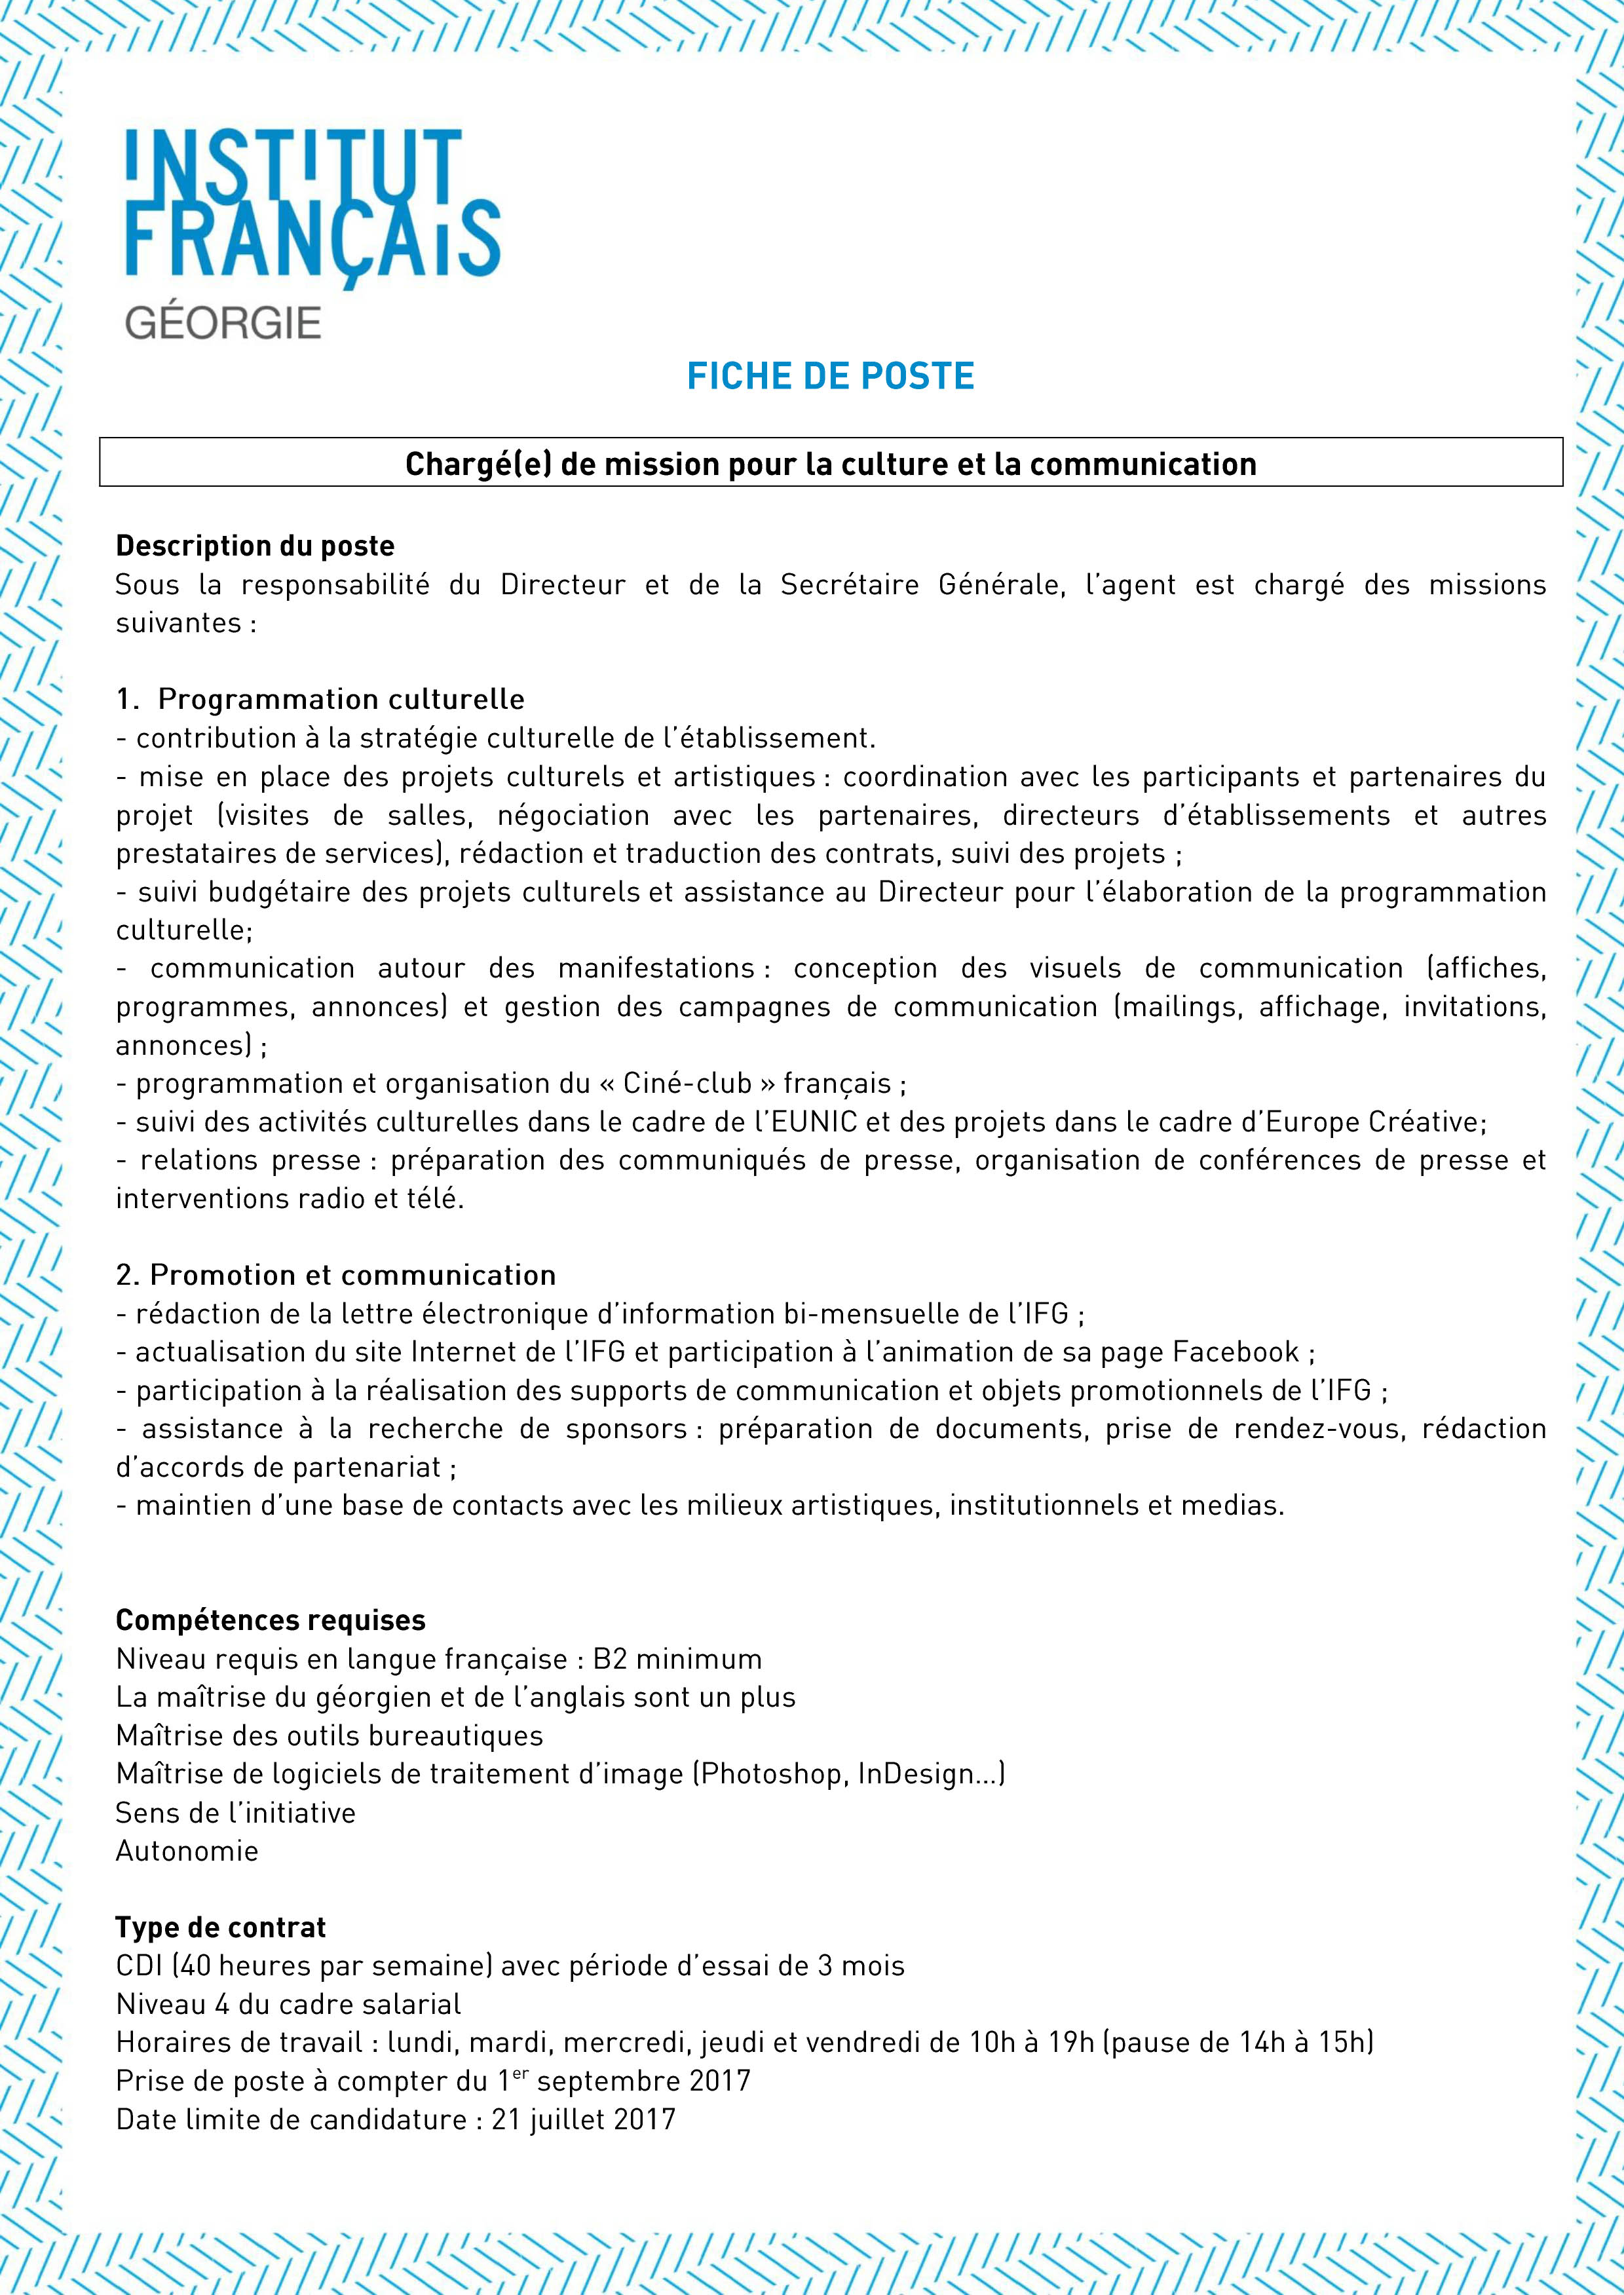 Fiche de poste - chargé(e) de mission pour la culture et la communication IFG